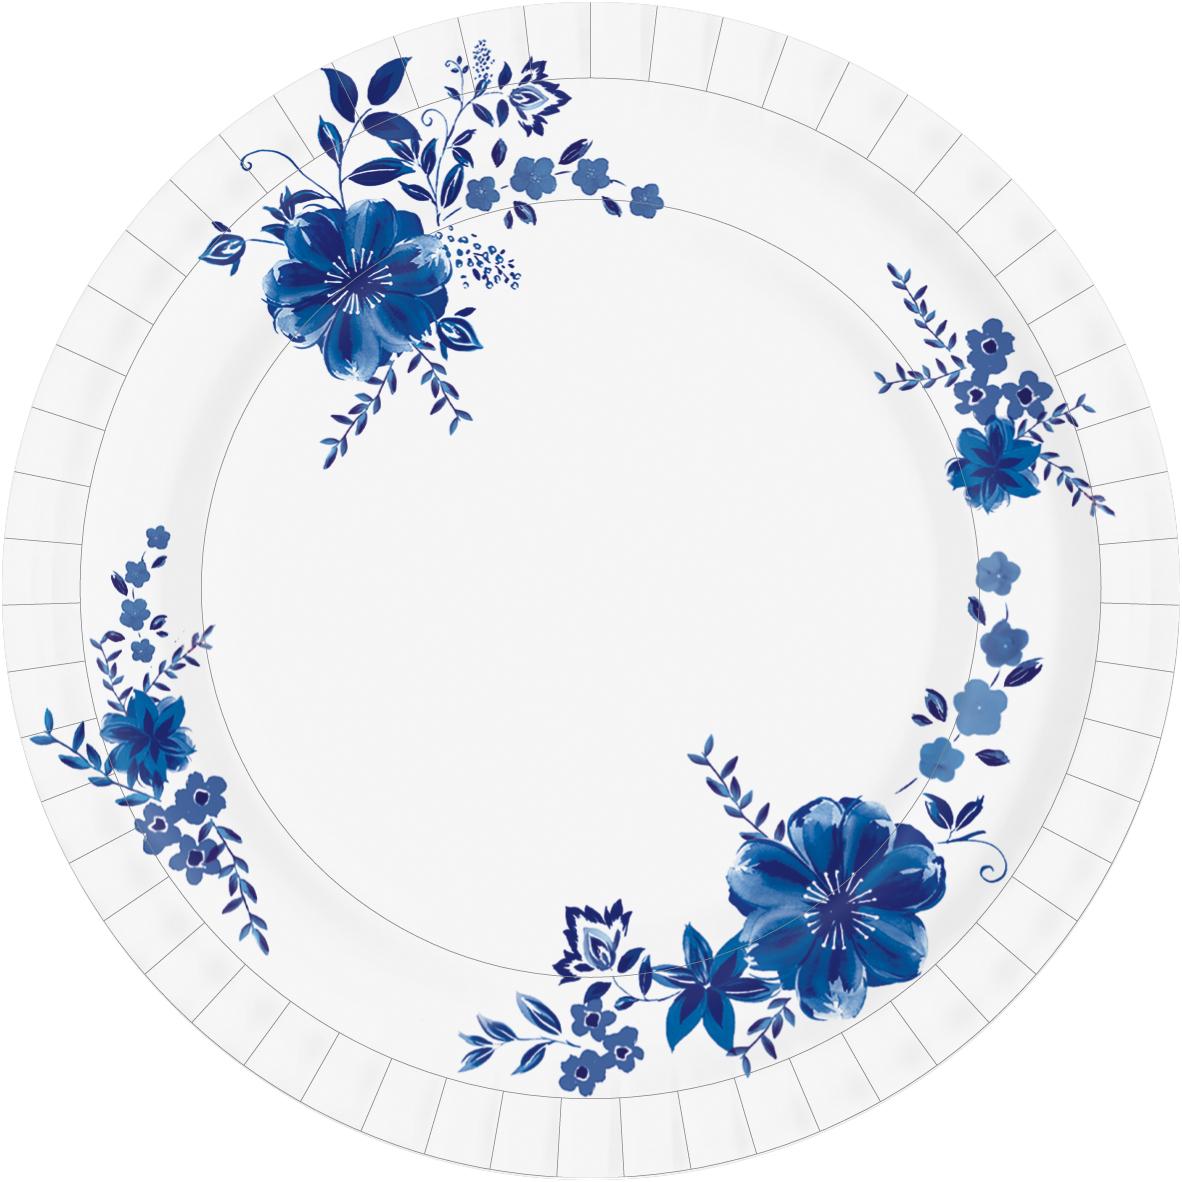 Набор одноразовых тарелок Duni Laura, диаметр 22 см, 10 штVT-1520(SR)Набор одноразовой посуды Duni Laura состоит из 10 круглых тарелок, выполненных из плотной бумаги и предназначенных для одноразового использования. Изделия декорированы высококачественным стильным узором. Одноразовые тарелки будут незаменимы в поездках на природу, пикниках и других мероприятиях. Они не займут много места, легки и самое главное - после использования их не надо мыть.Не использовать в микроволновой печи.Диаметр тарелки (по верхнему краю): 22 см.Высота тарелки: 2 см.Количество в упаковке: 10 шт.